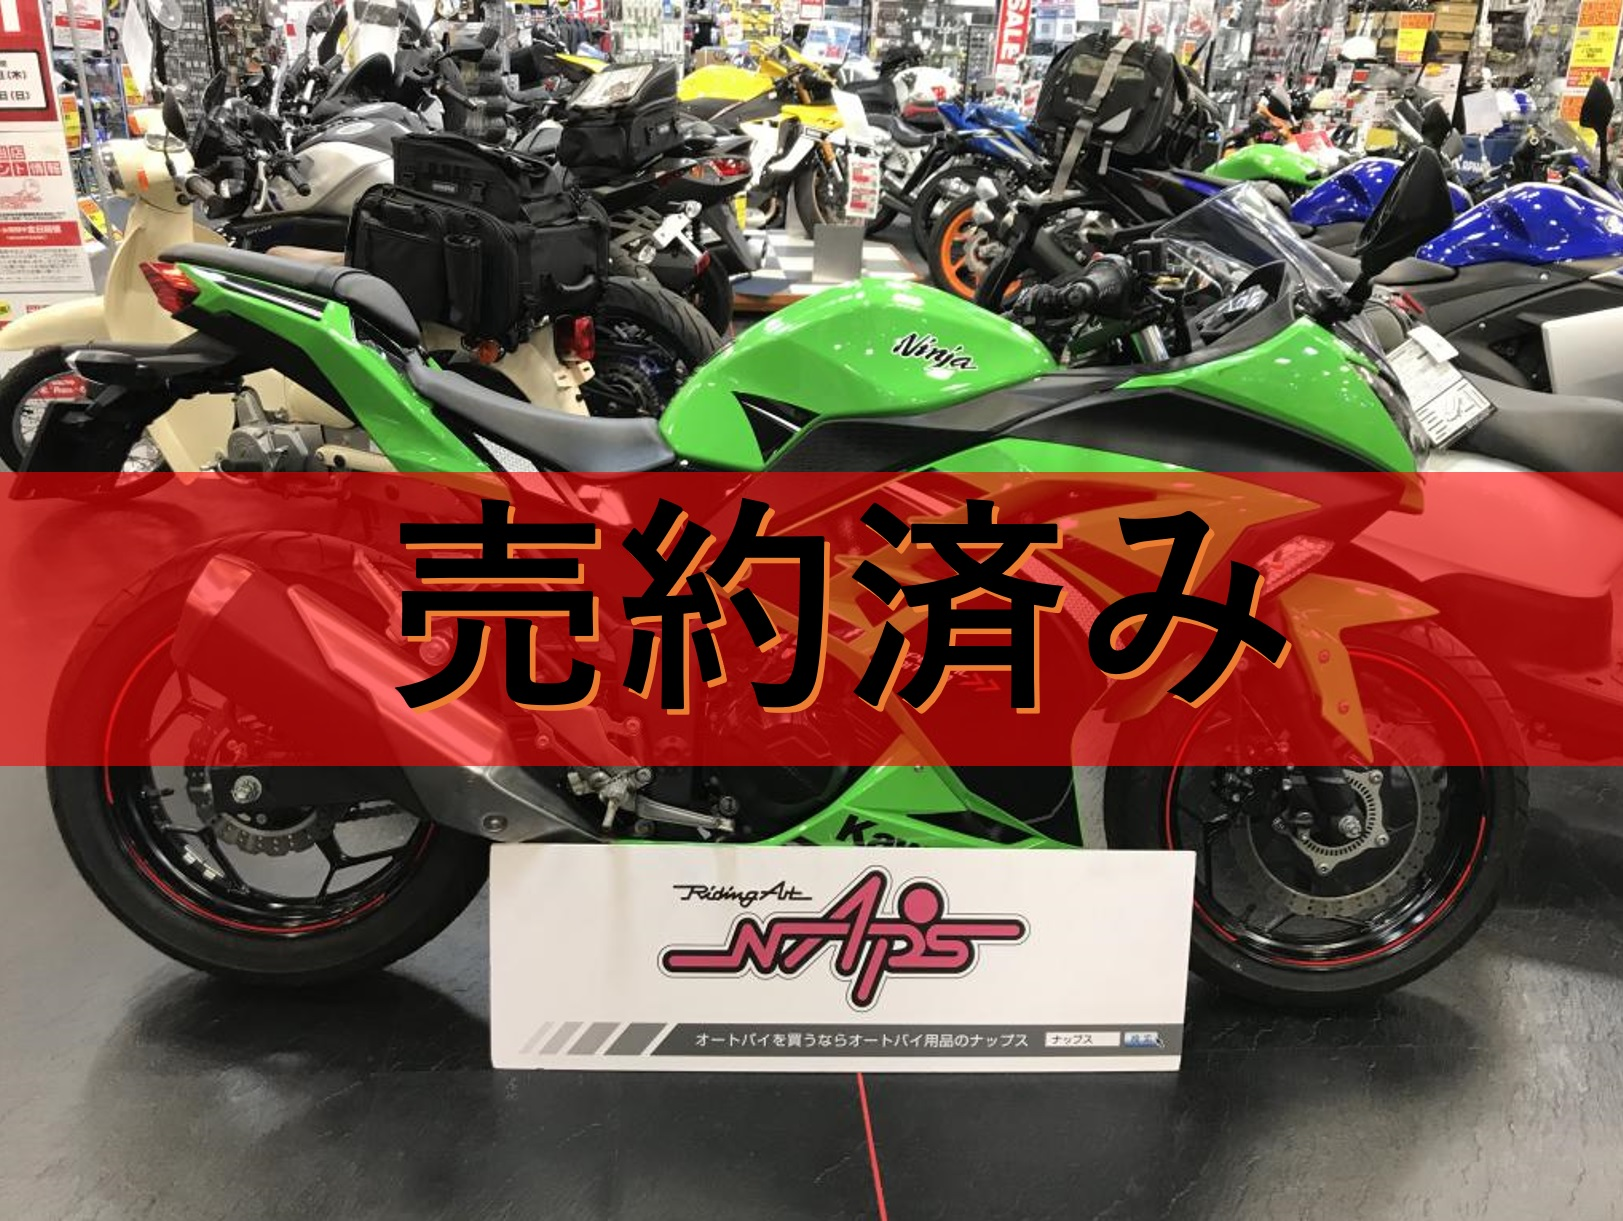 KAWASAKI 【販売車両】NINJA250 スペシャルエディション 社外レバー/ヘルメットホルダー付き